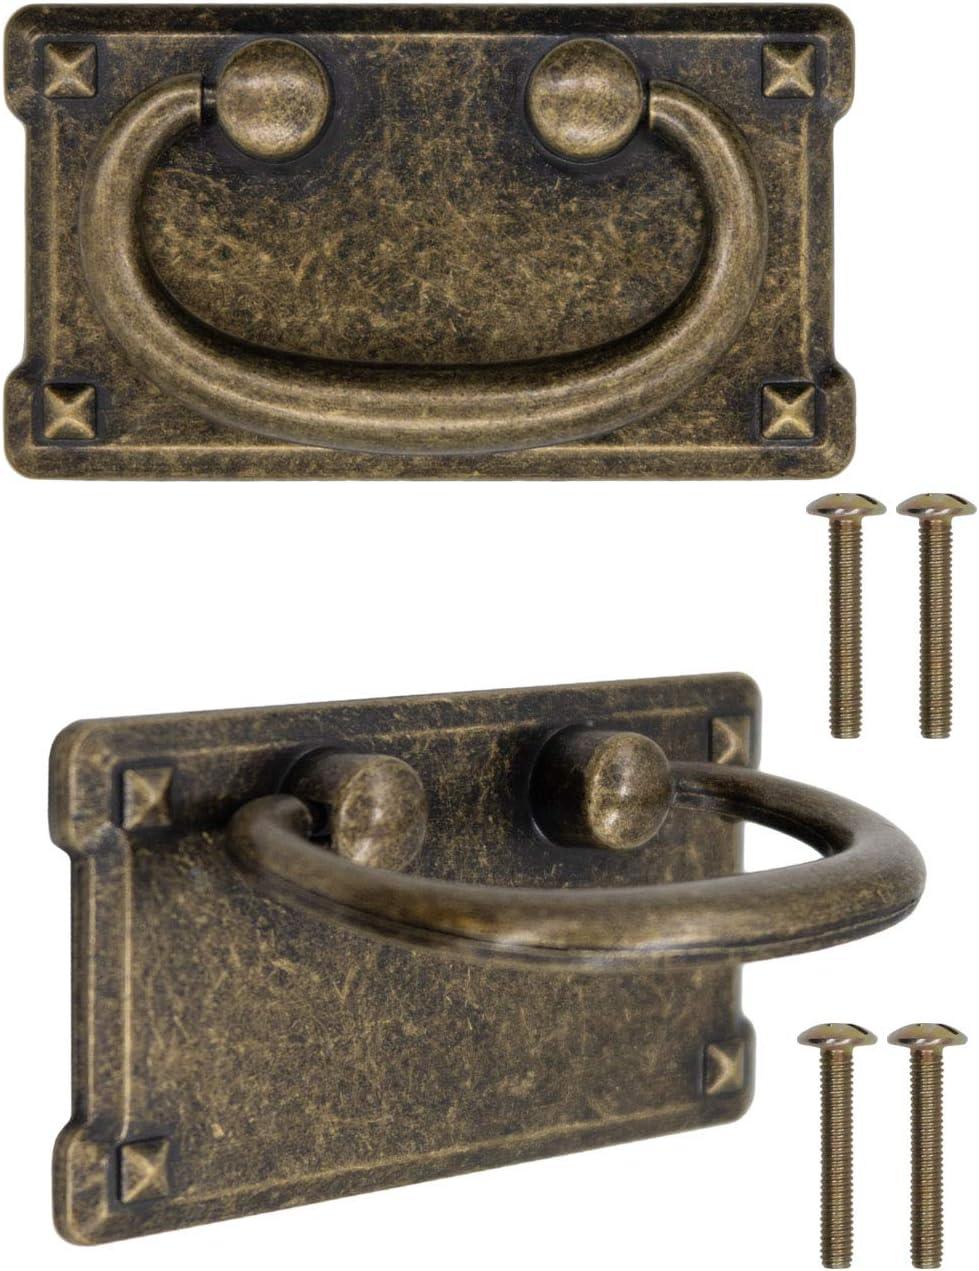 FUXXER® - 2 cajones de diseño antiguo, plegables, diseño de hierro bronce, para puertas de armarios, cómodas, baúles, etc. Vintage Landhaus Retro, juego de 2